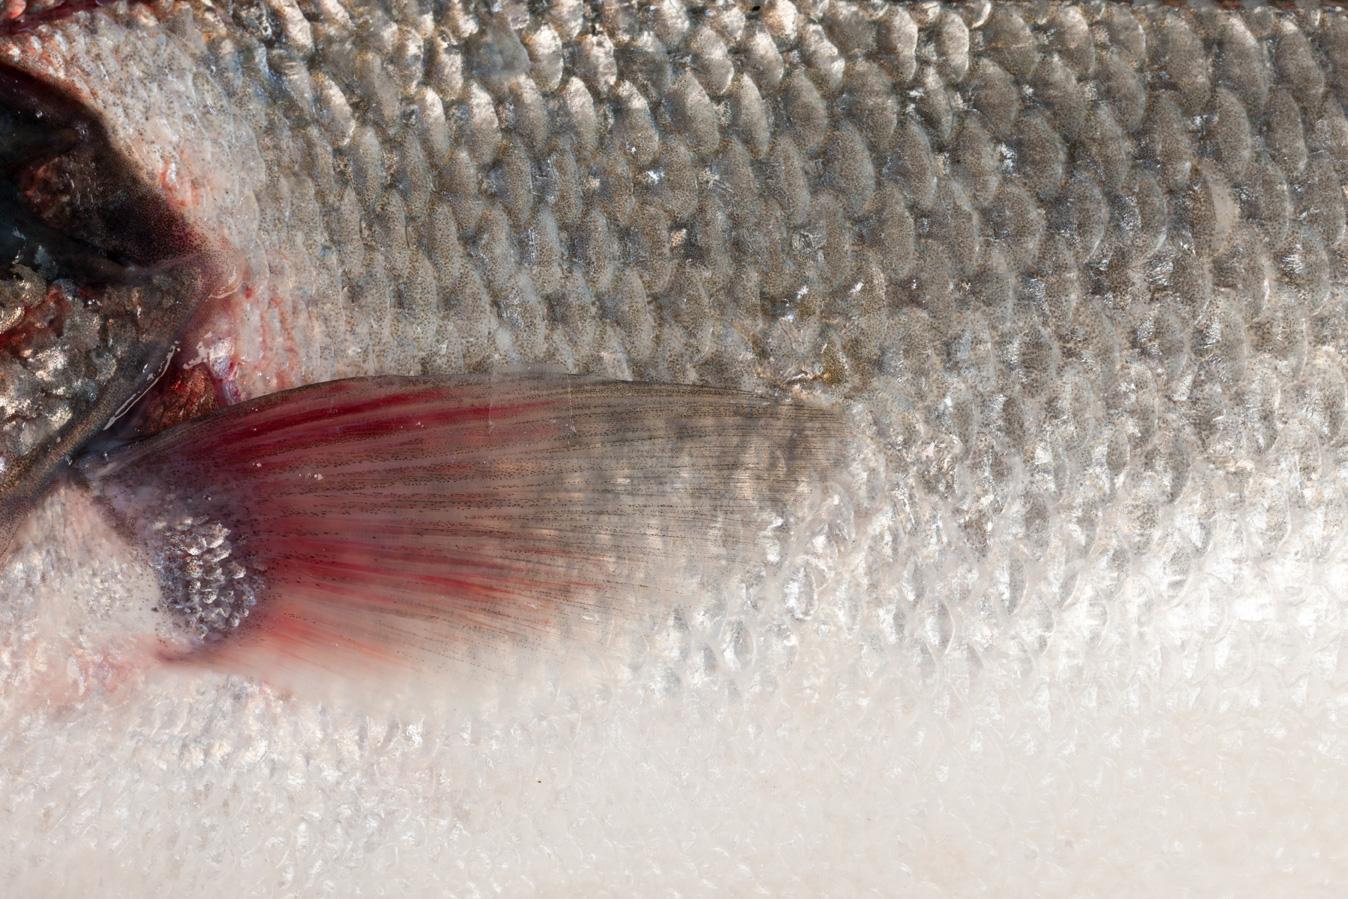 Groothandel-vis-FishXL-vis-zeebaars_WL_9320